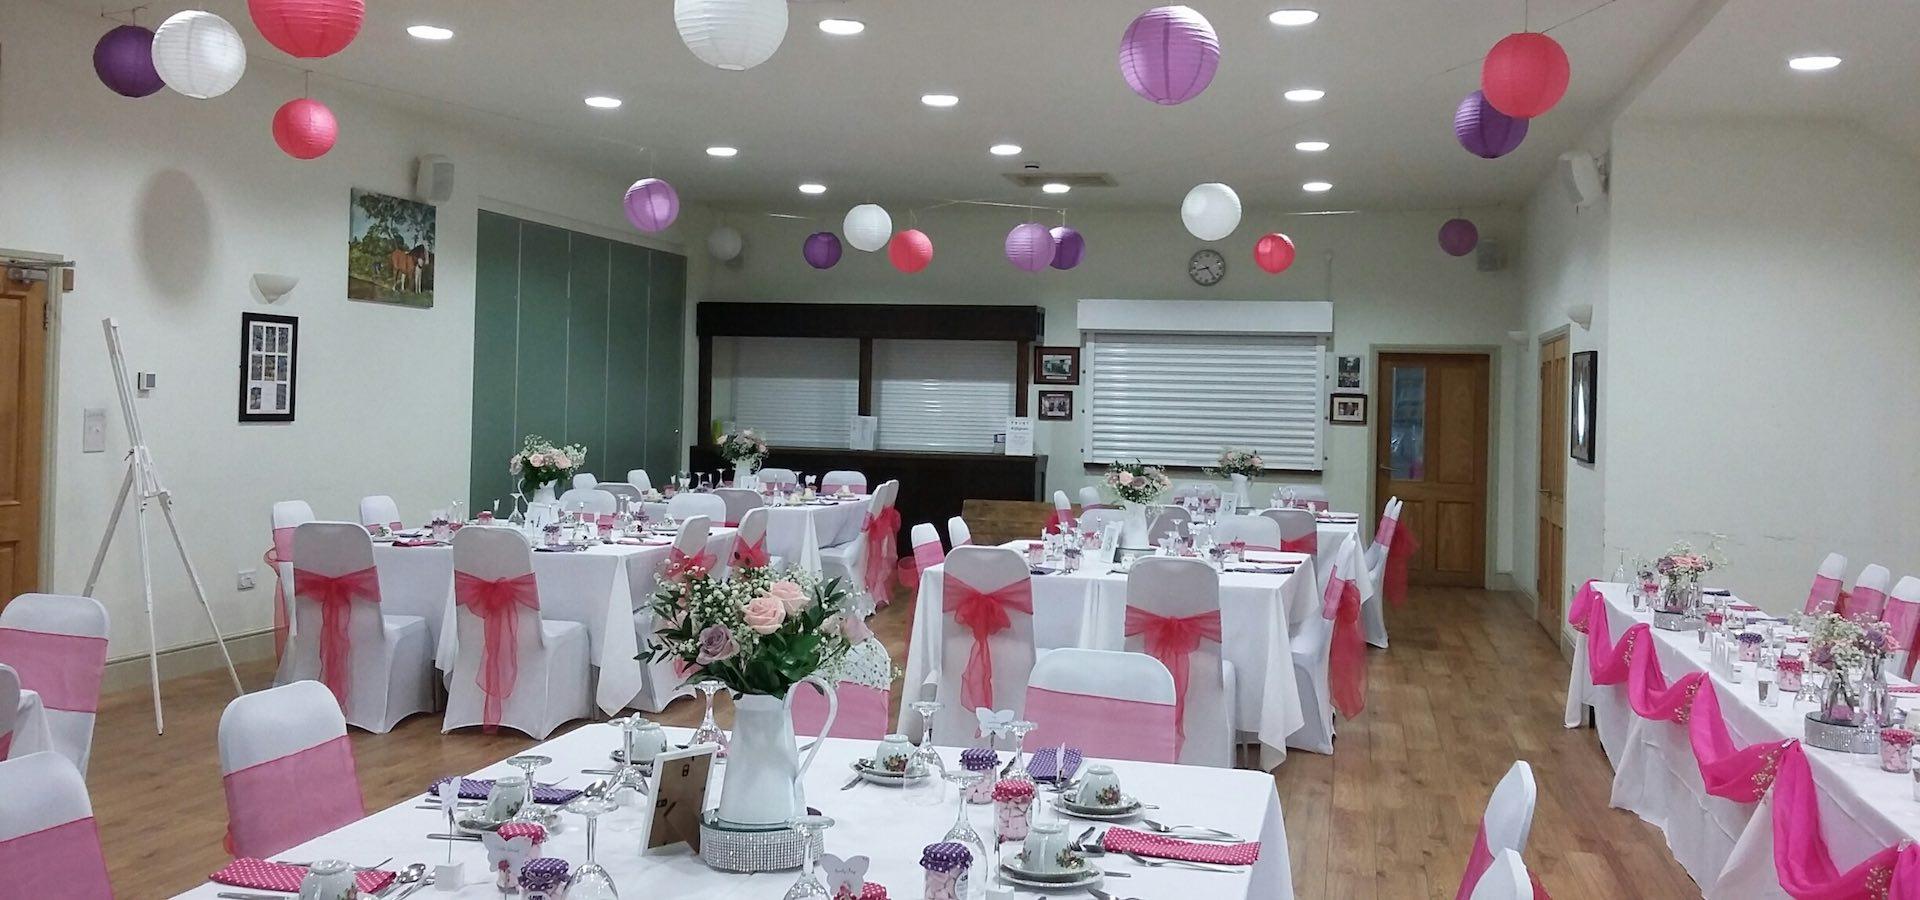 Blymhill and Weston Under Lizard Village Hall Wedding Venue 5